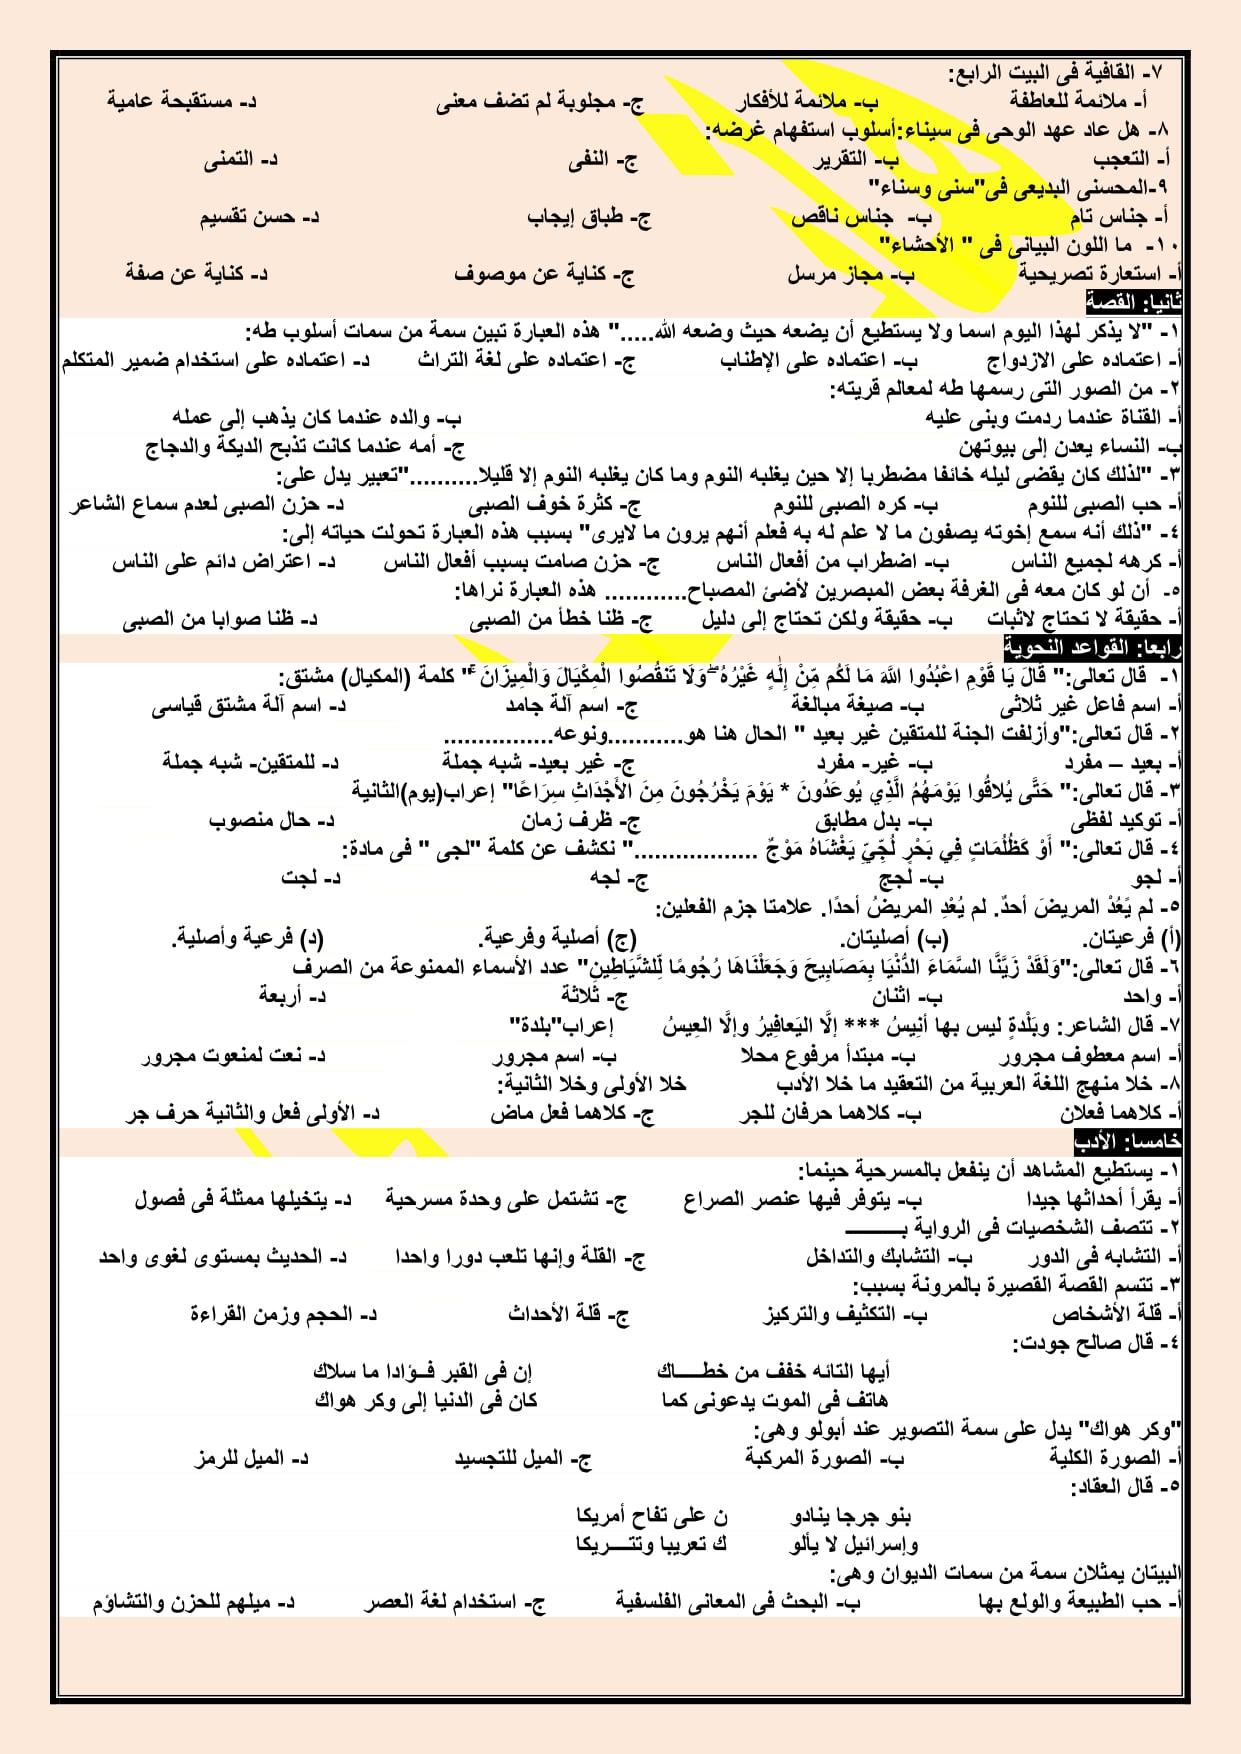 2 نموذج امتحان لغة عربية مجاب للصف الثالث الثانوي 2021 أ/ هاني الكردوني 15